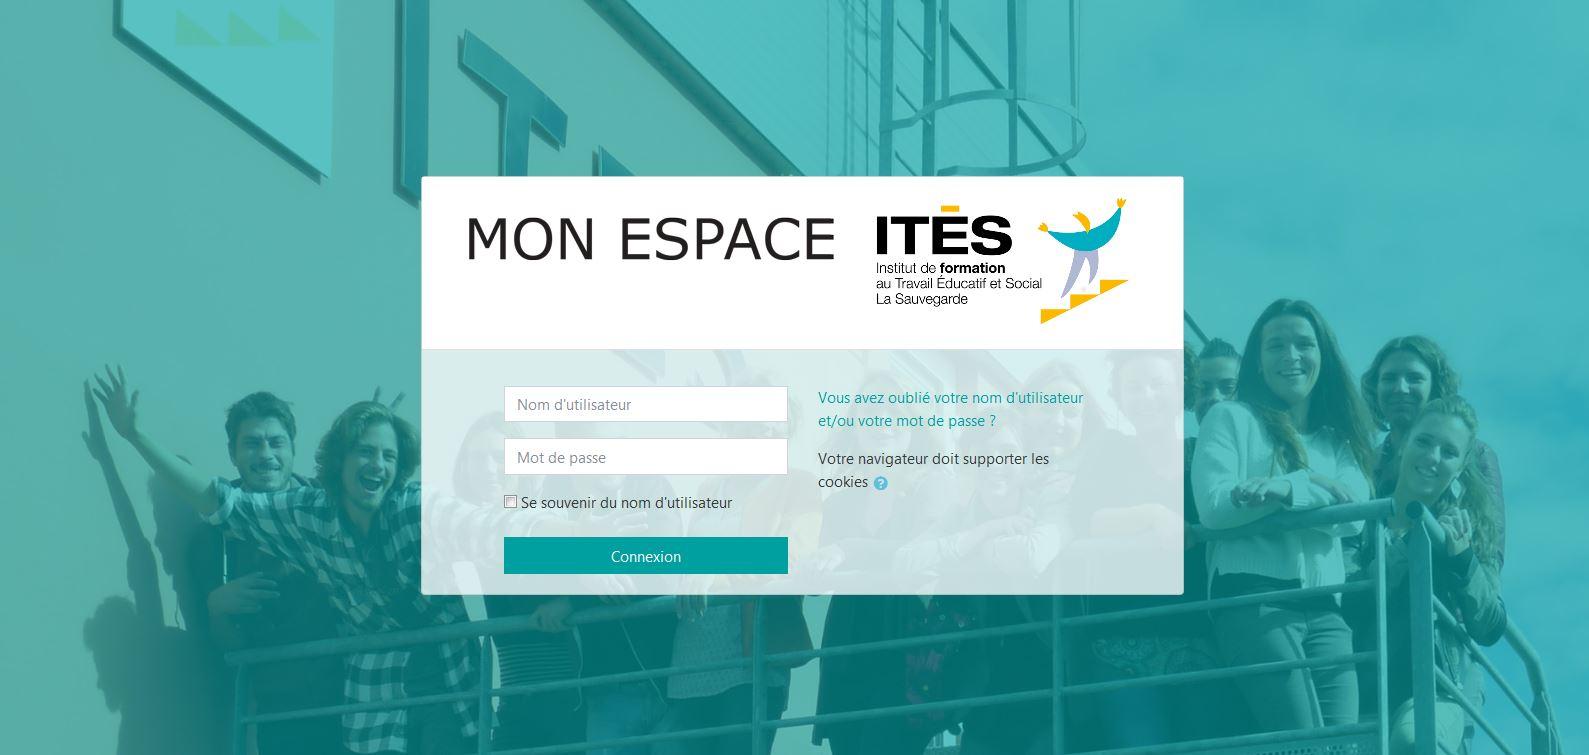 espace_ites_moodle_lms_elt